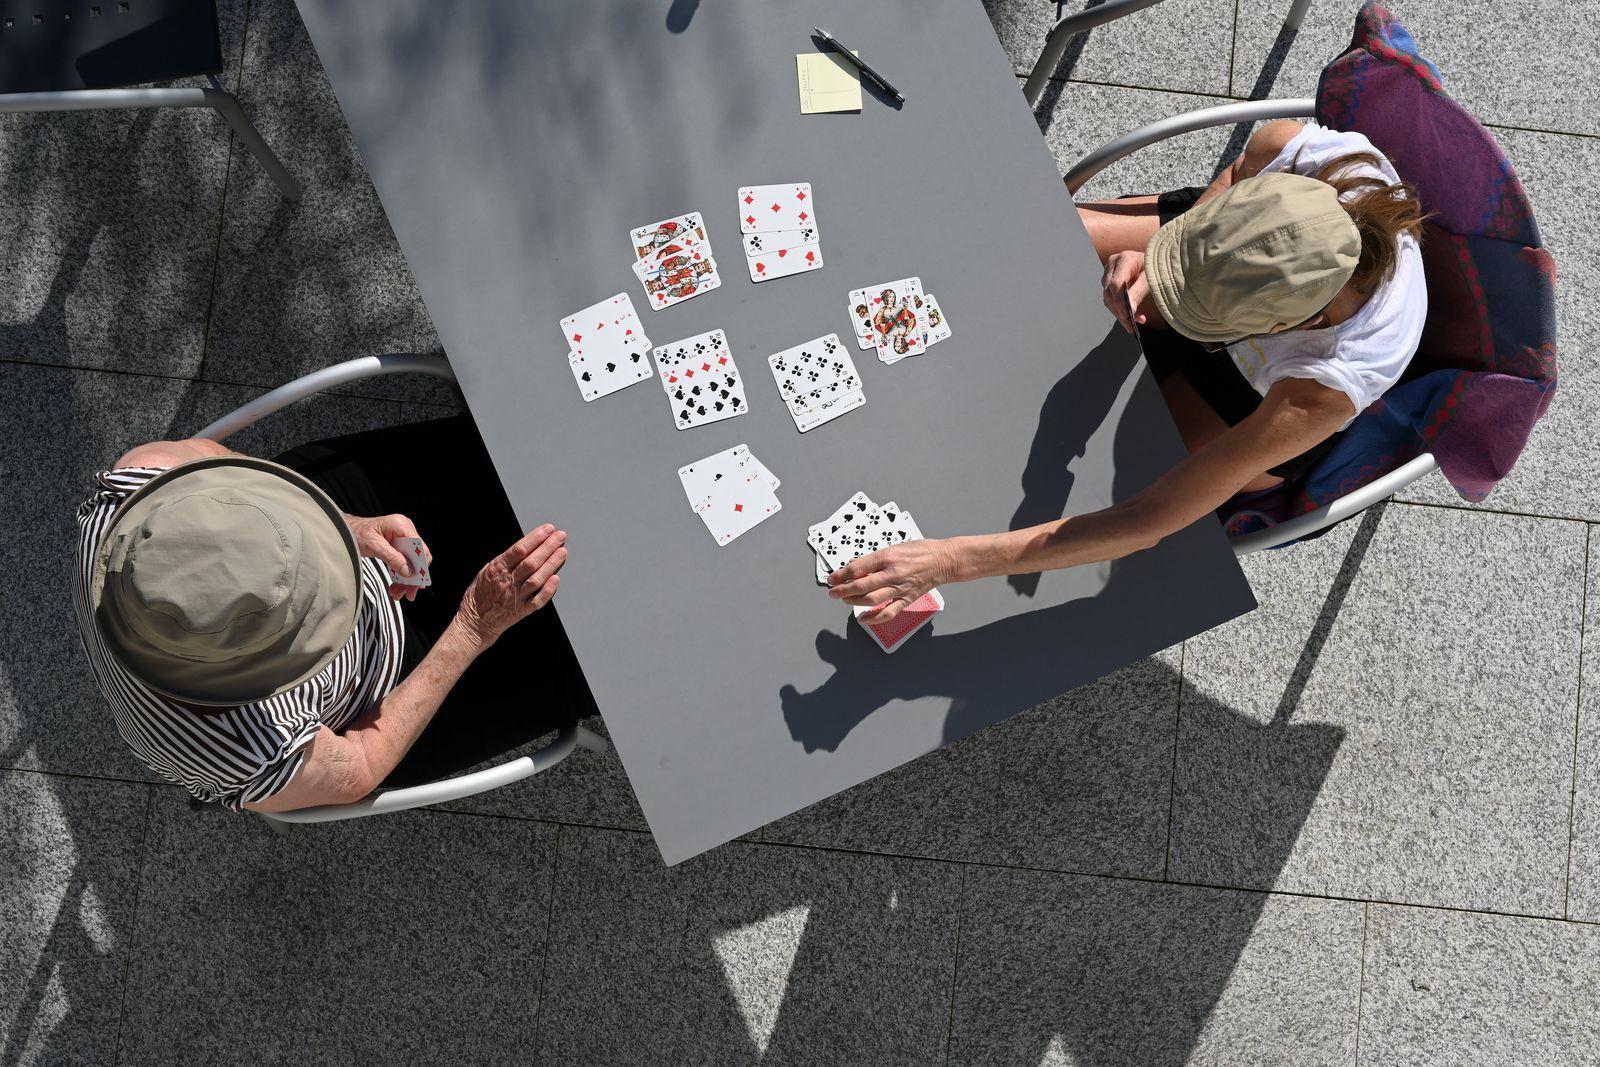 Karten spielen in der Frühlingssonne